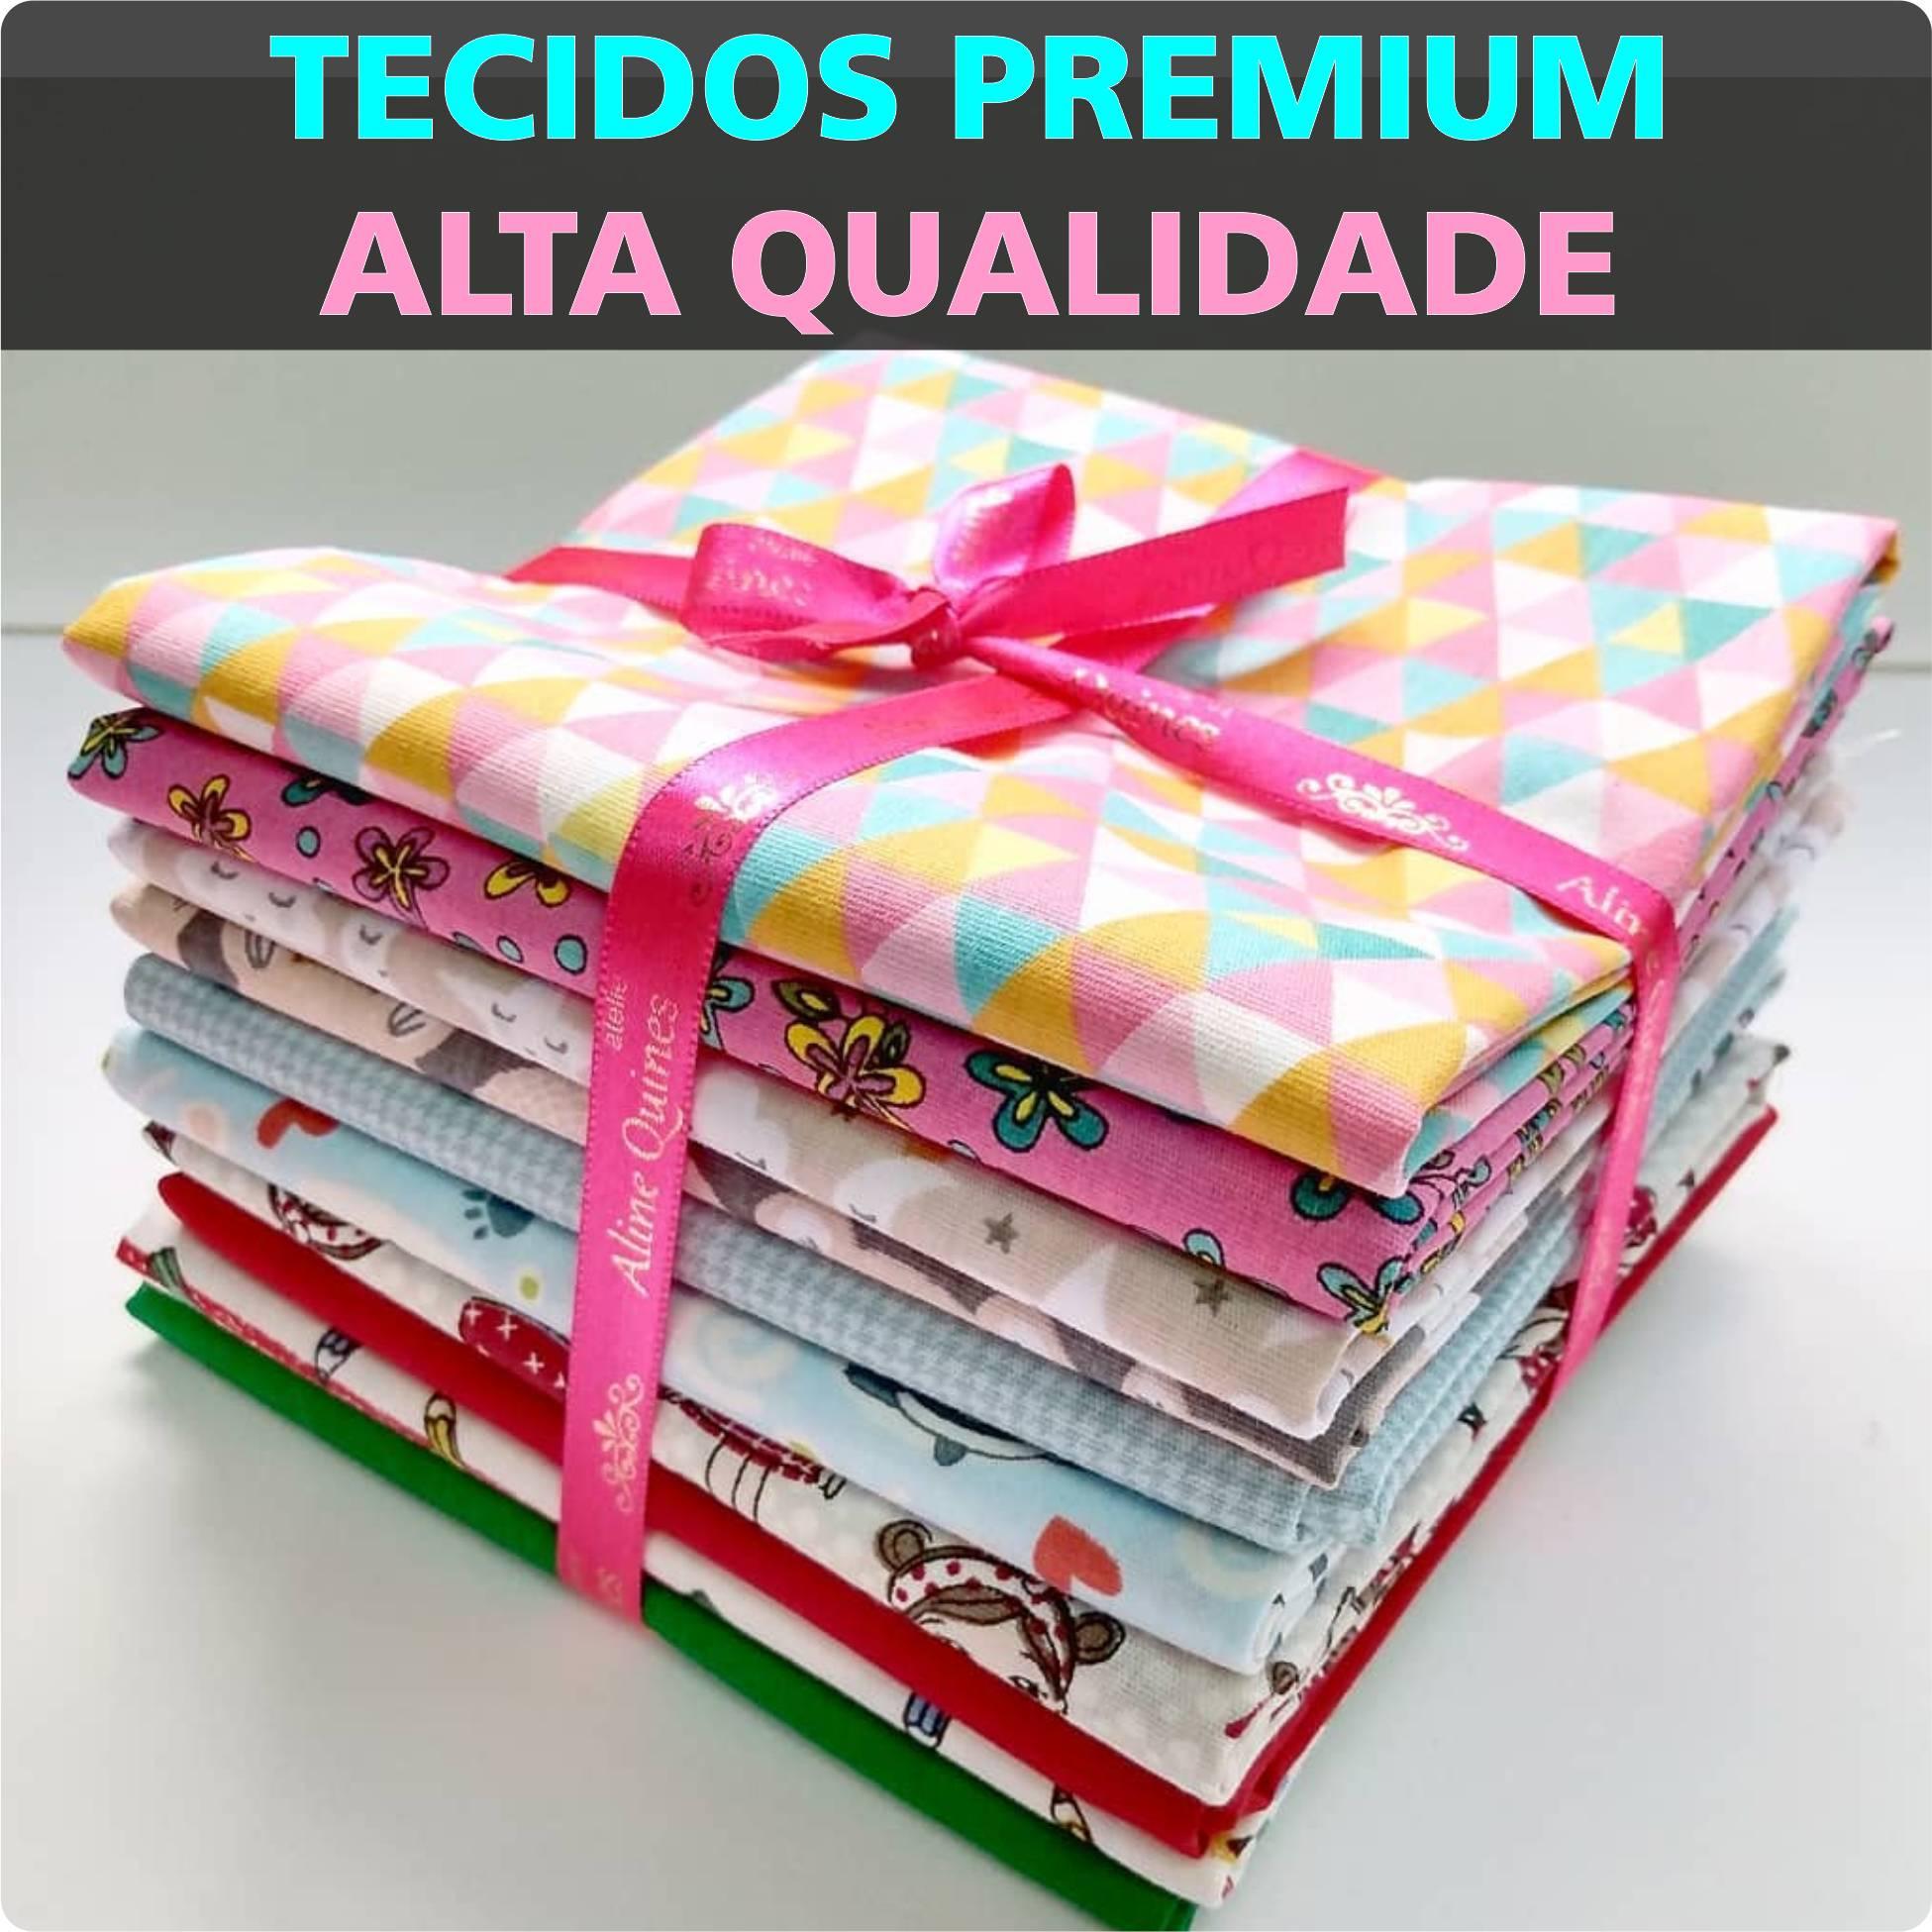 FERNANDO MALUHY - ALGODÃO TONS DE PELE ROSE - Pele de Boneca - 25cm X 150cm